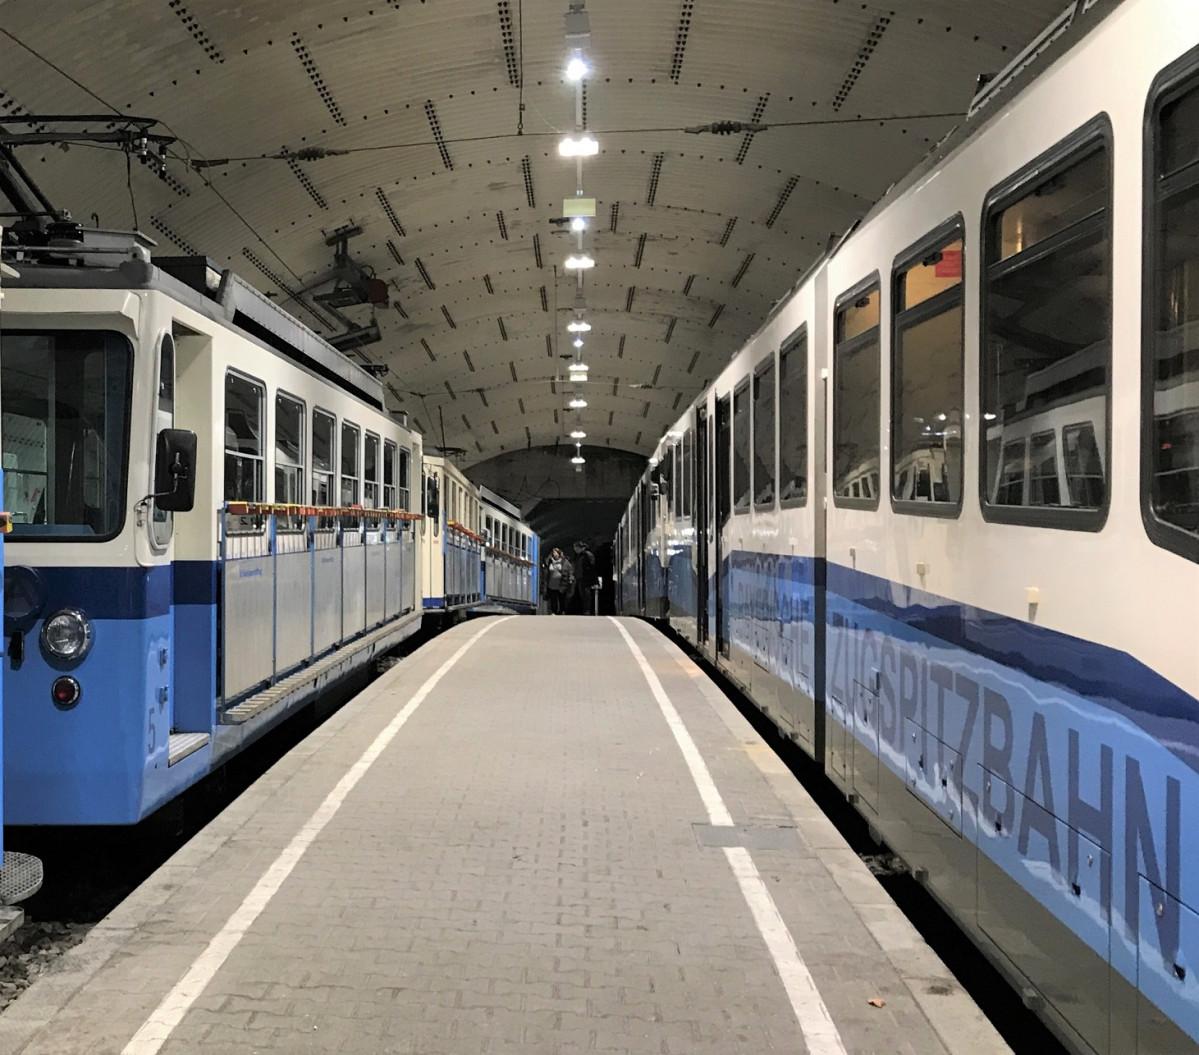 Grainau station 1462